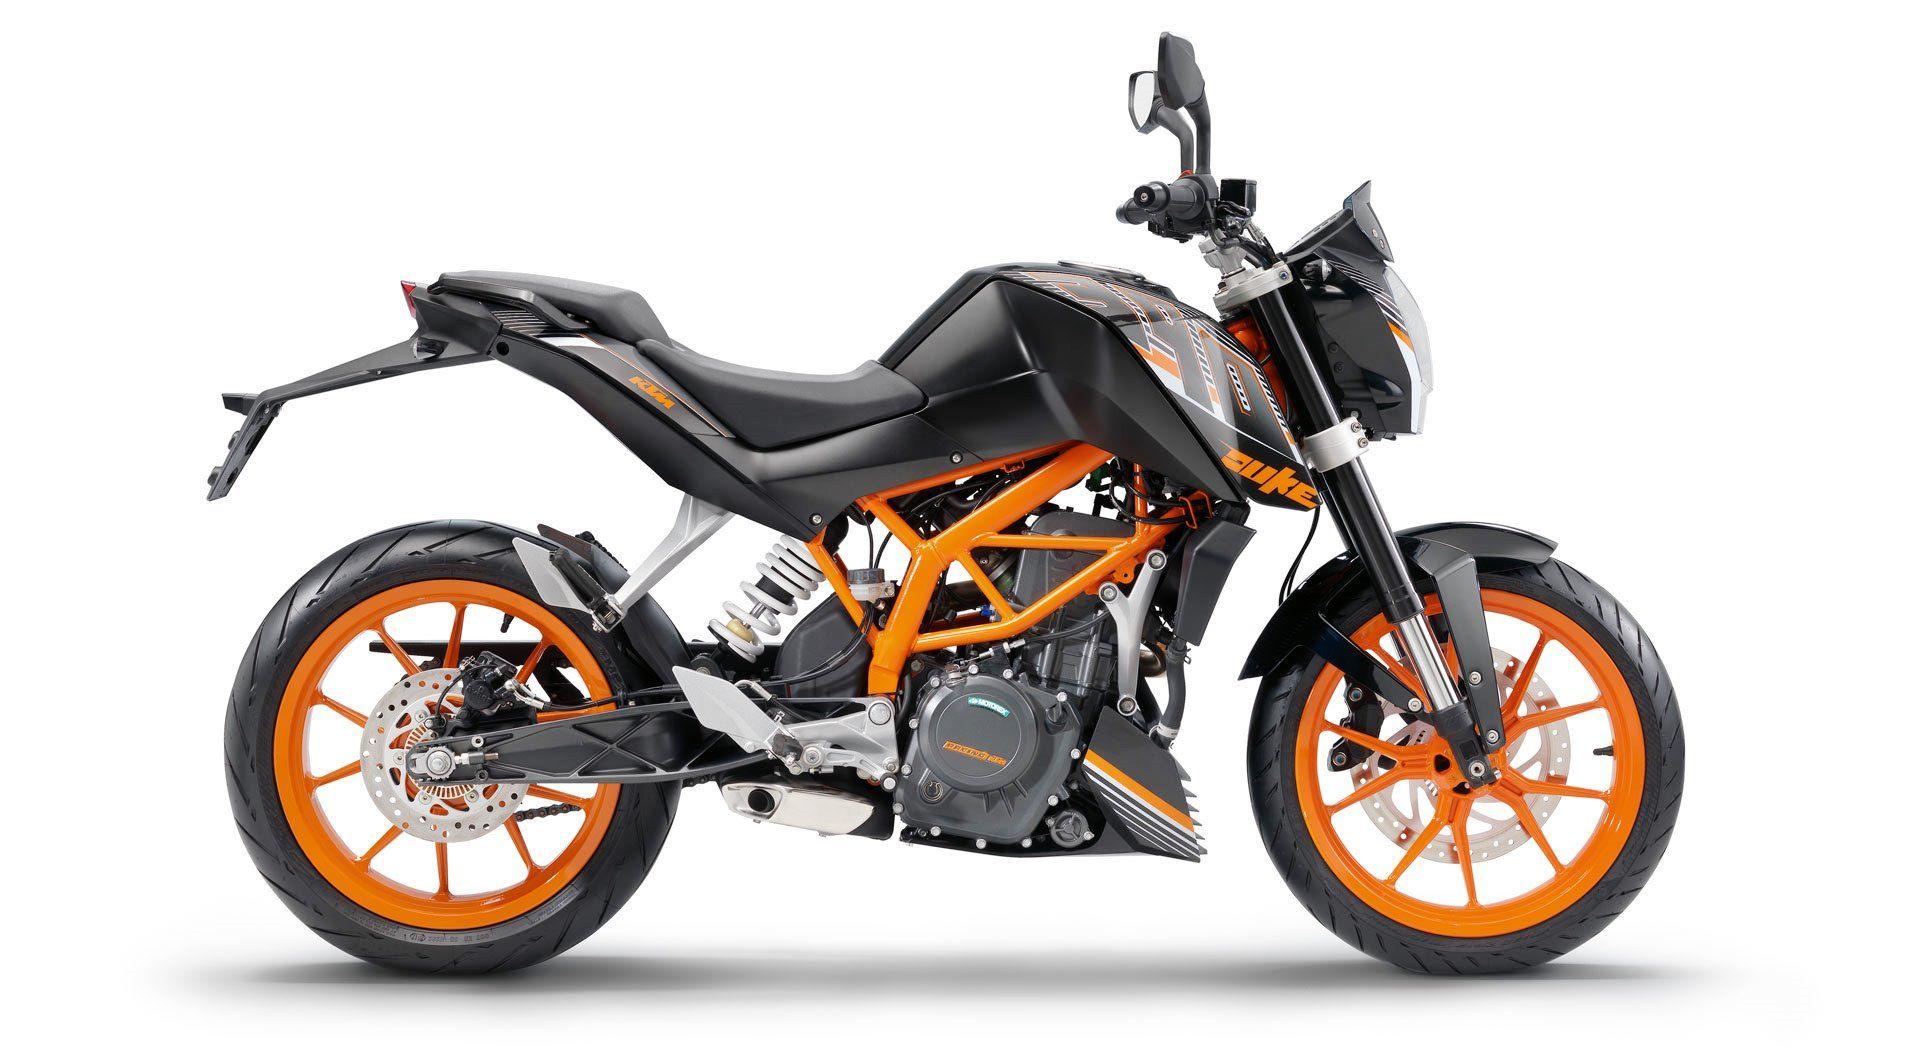 Ktm 390 Duke In Black Shade Ktm Duke Ktm Duke 200 Beginner